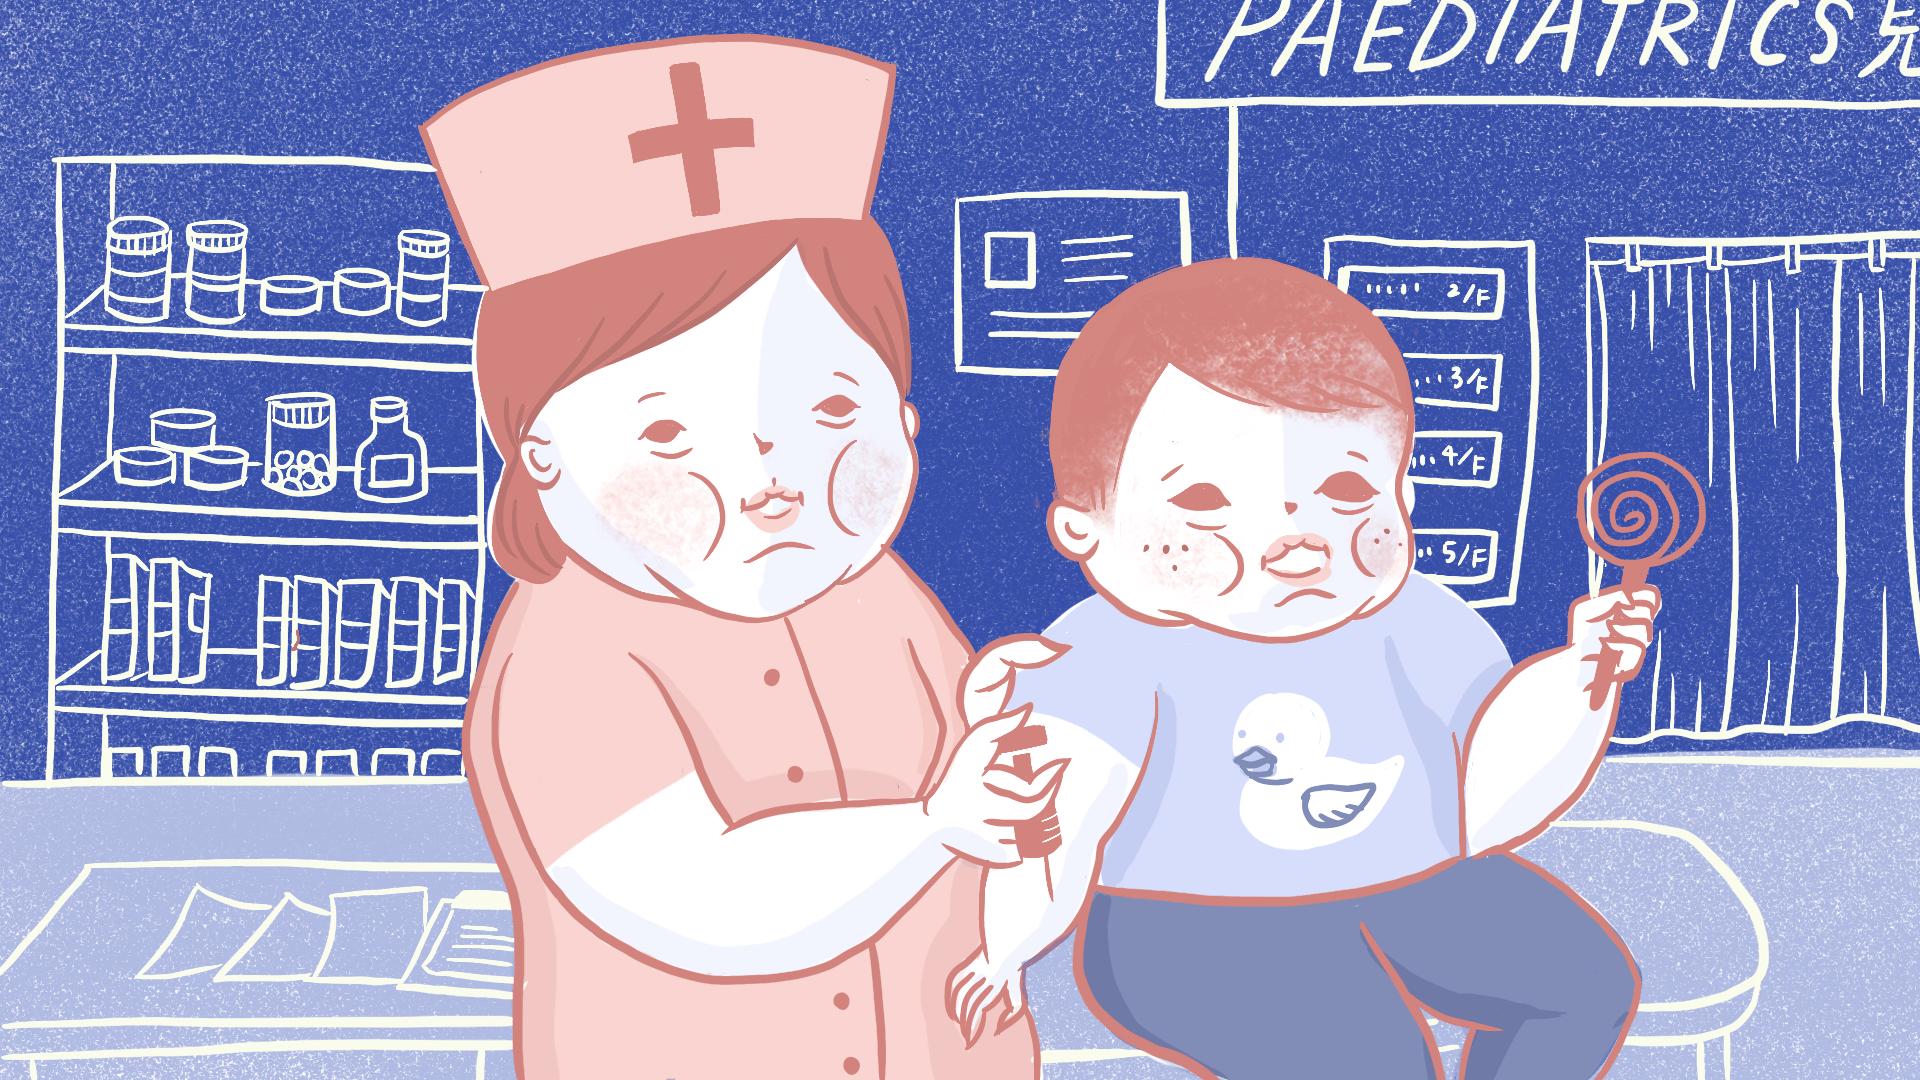 nurse_03